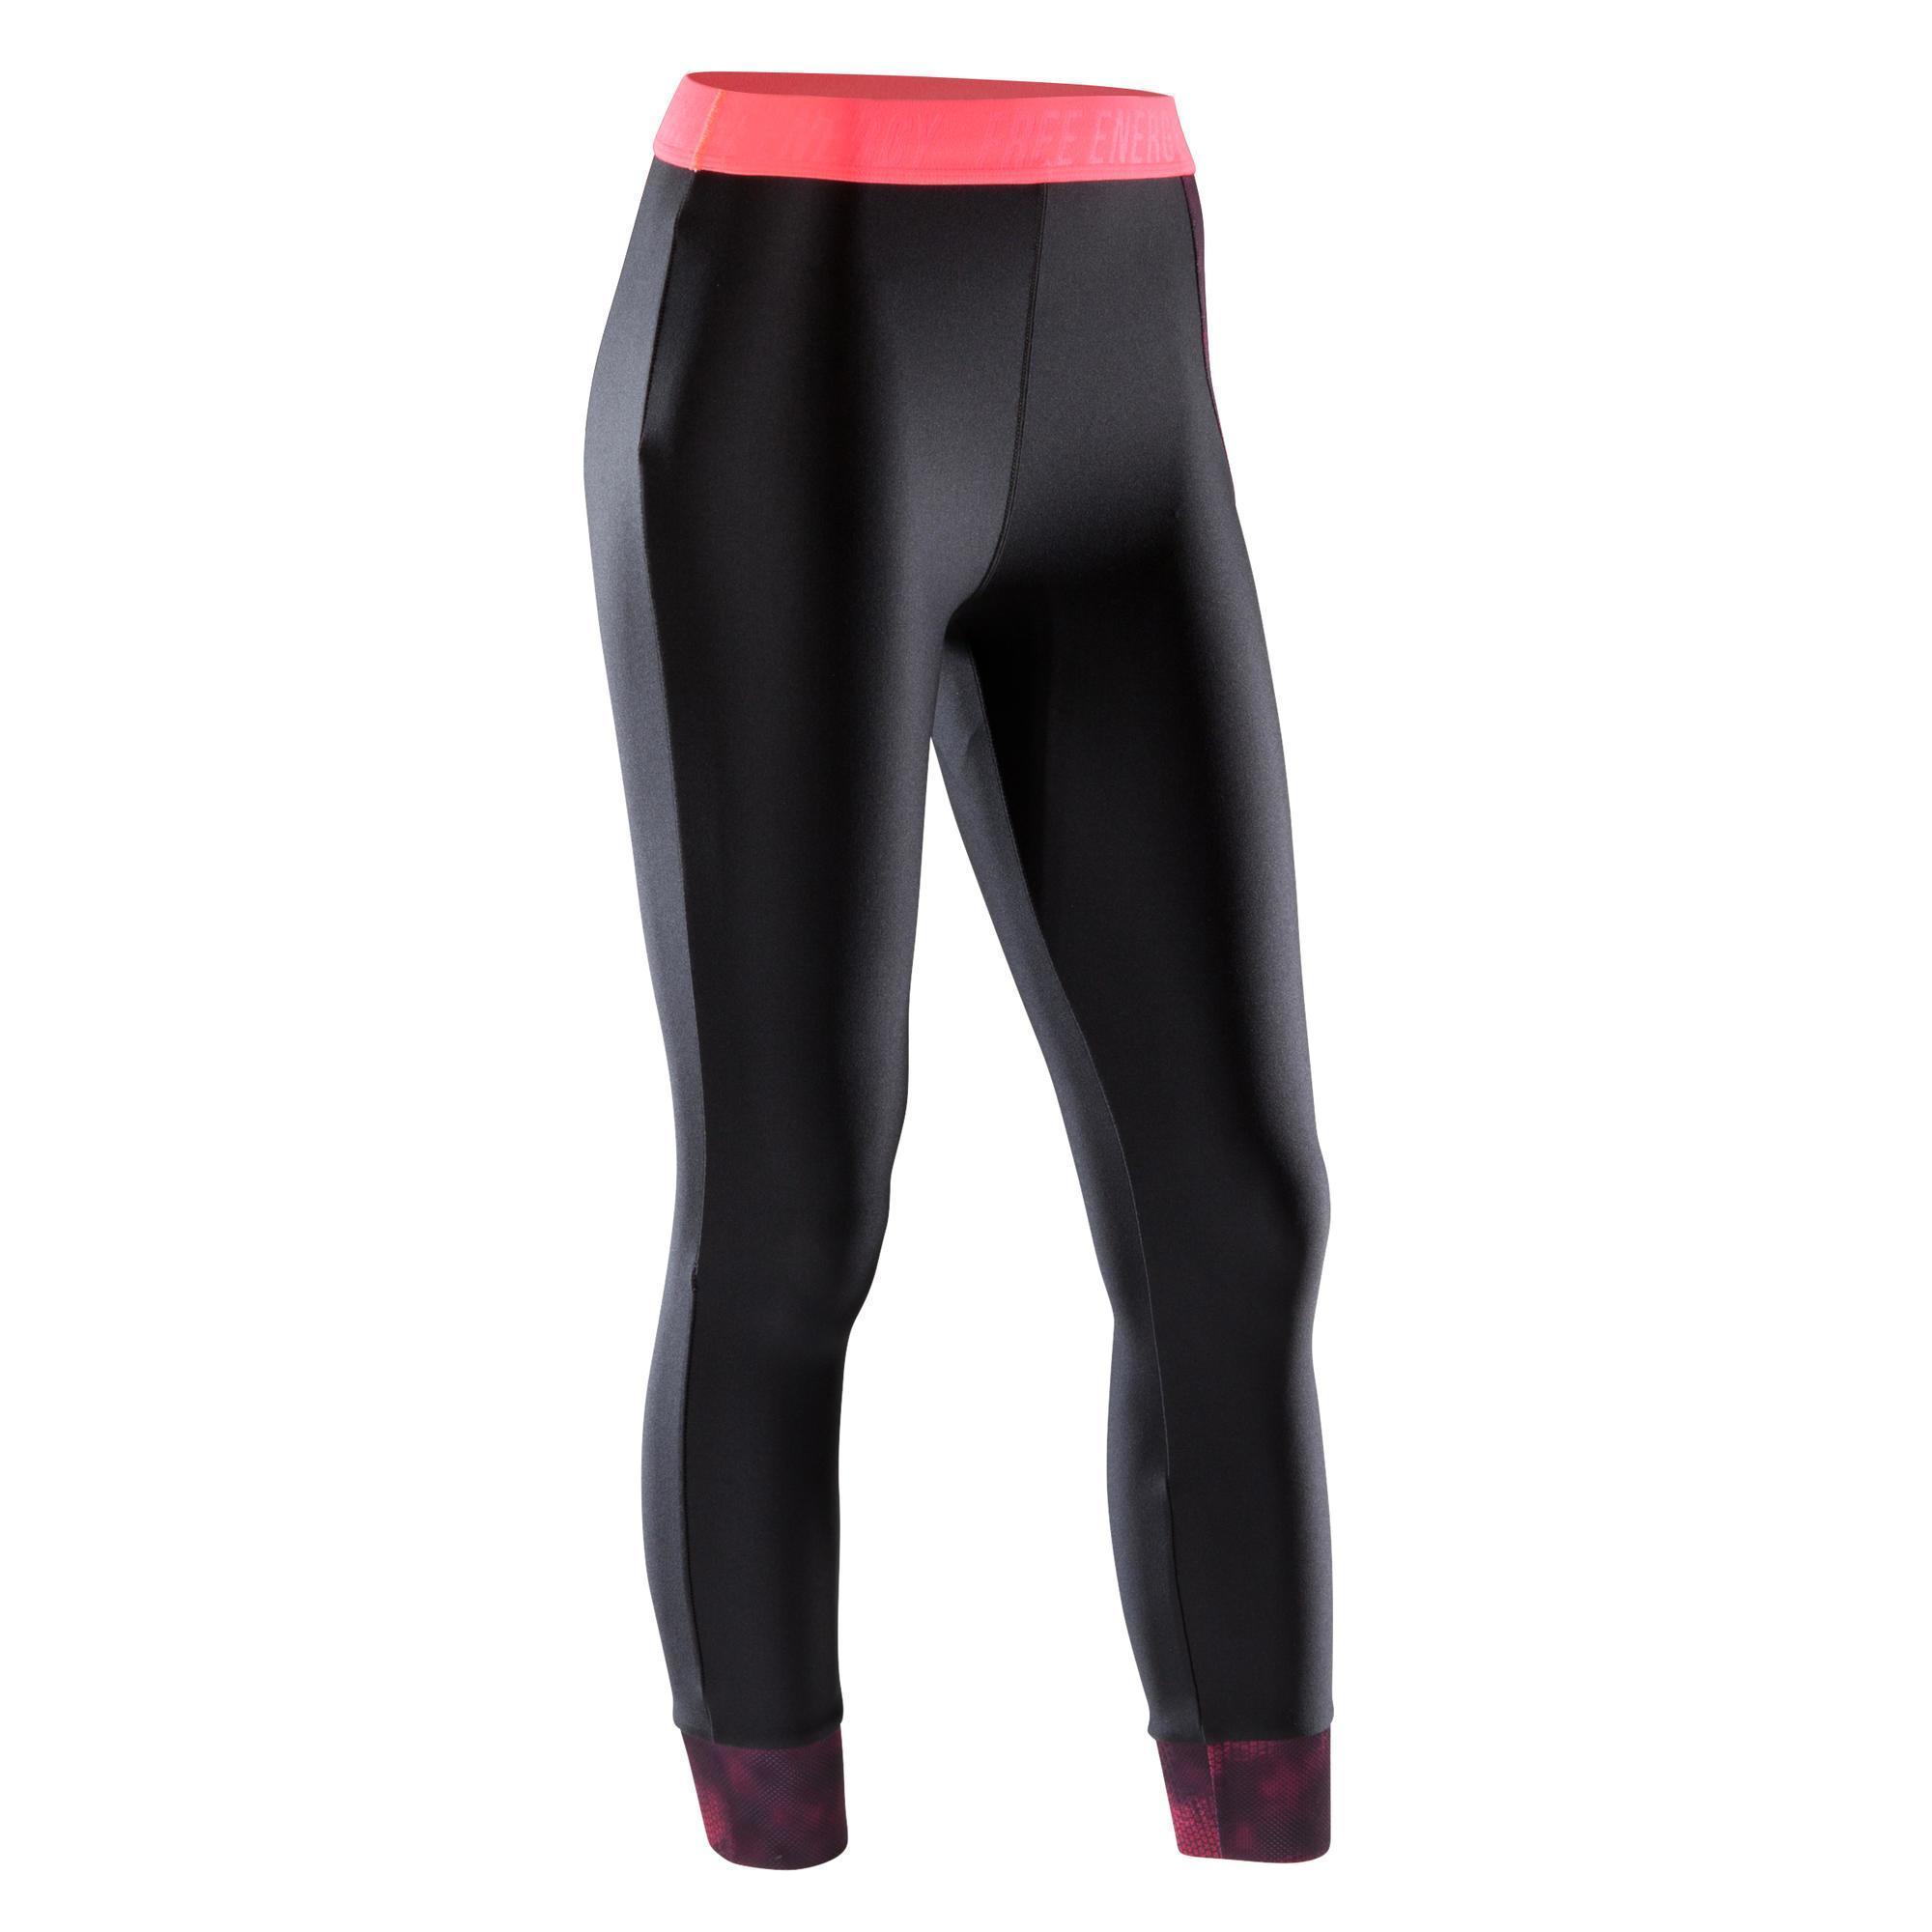 Domyos Fitness legging 500 voor dames 7 8 cd529bdd6c8